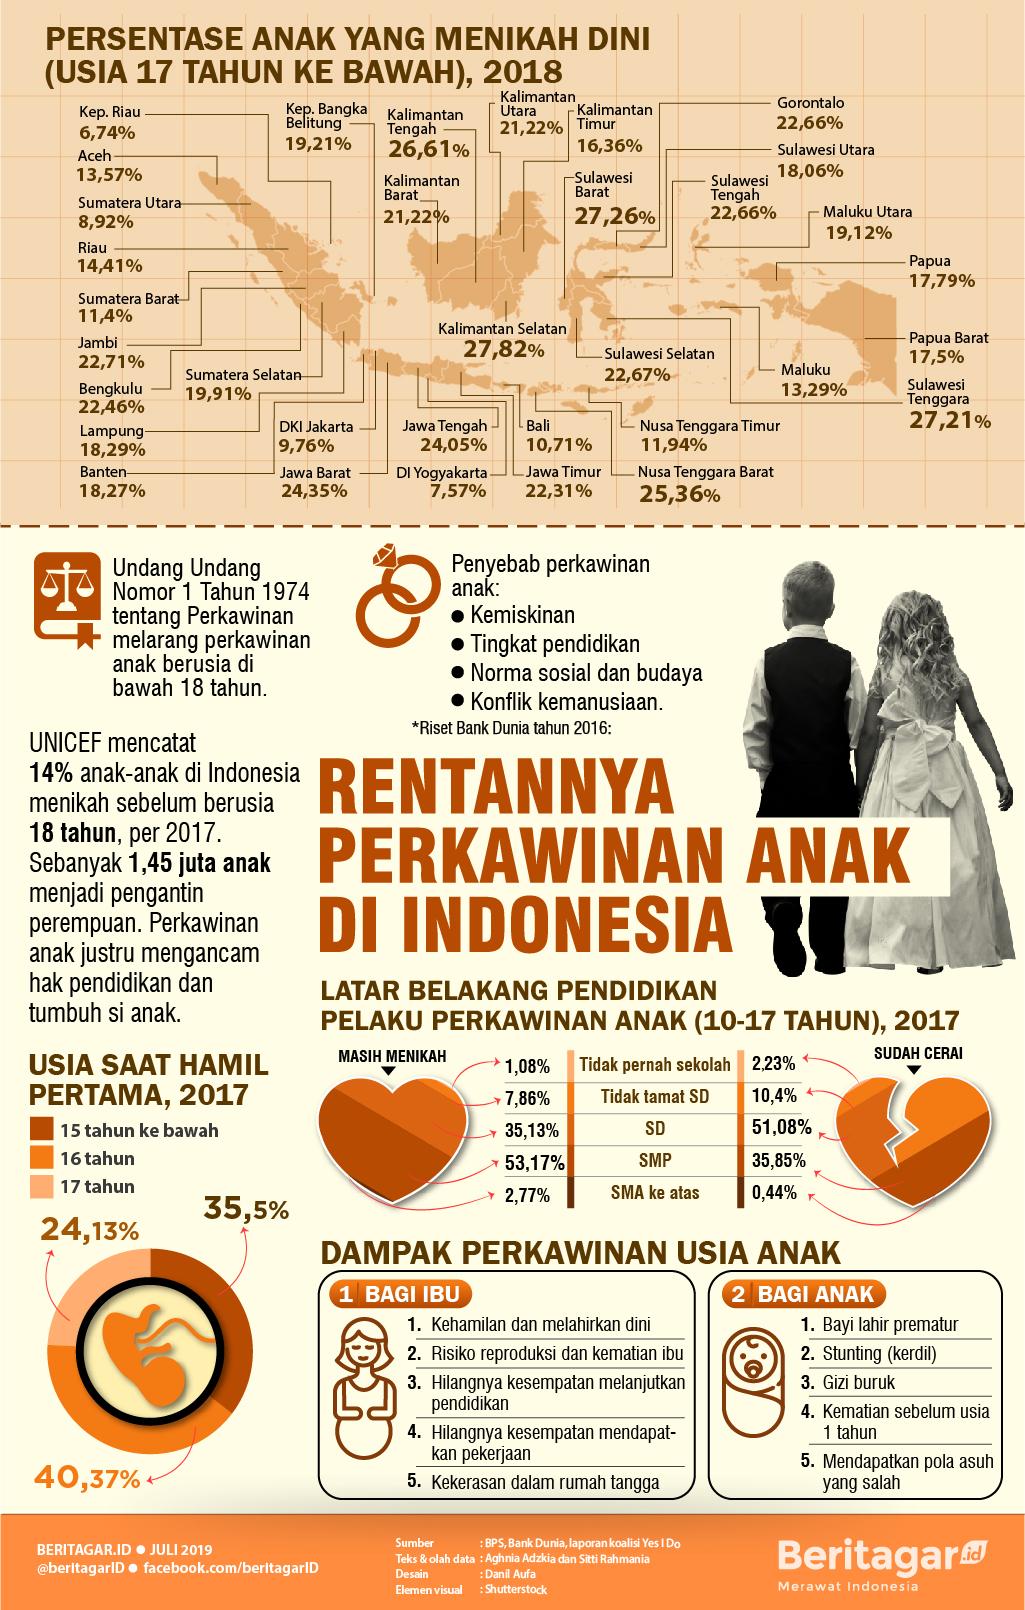 Infografis Rentannya Perkawinan Anak di Indonesia